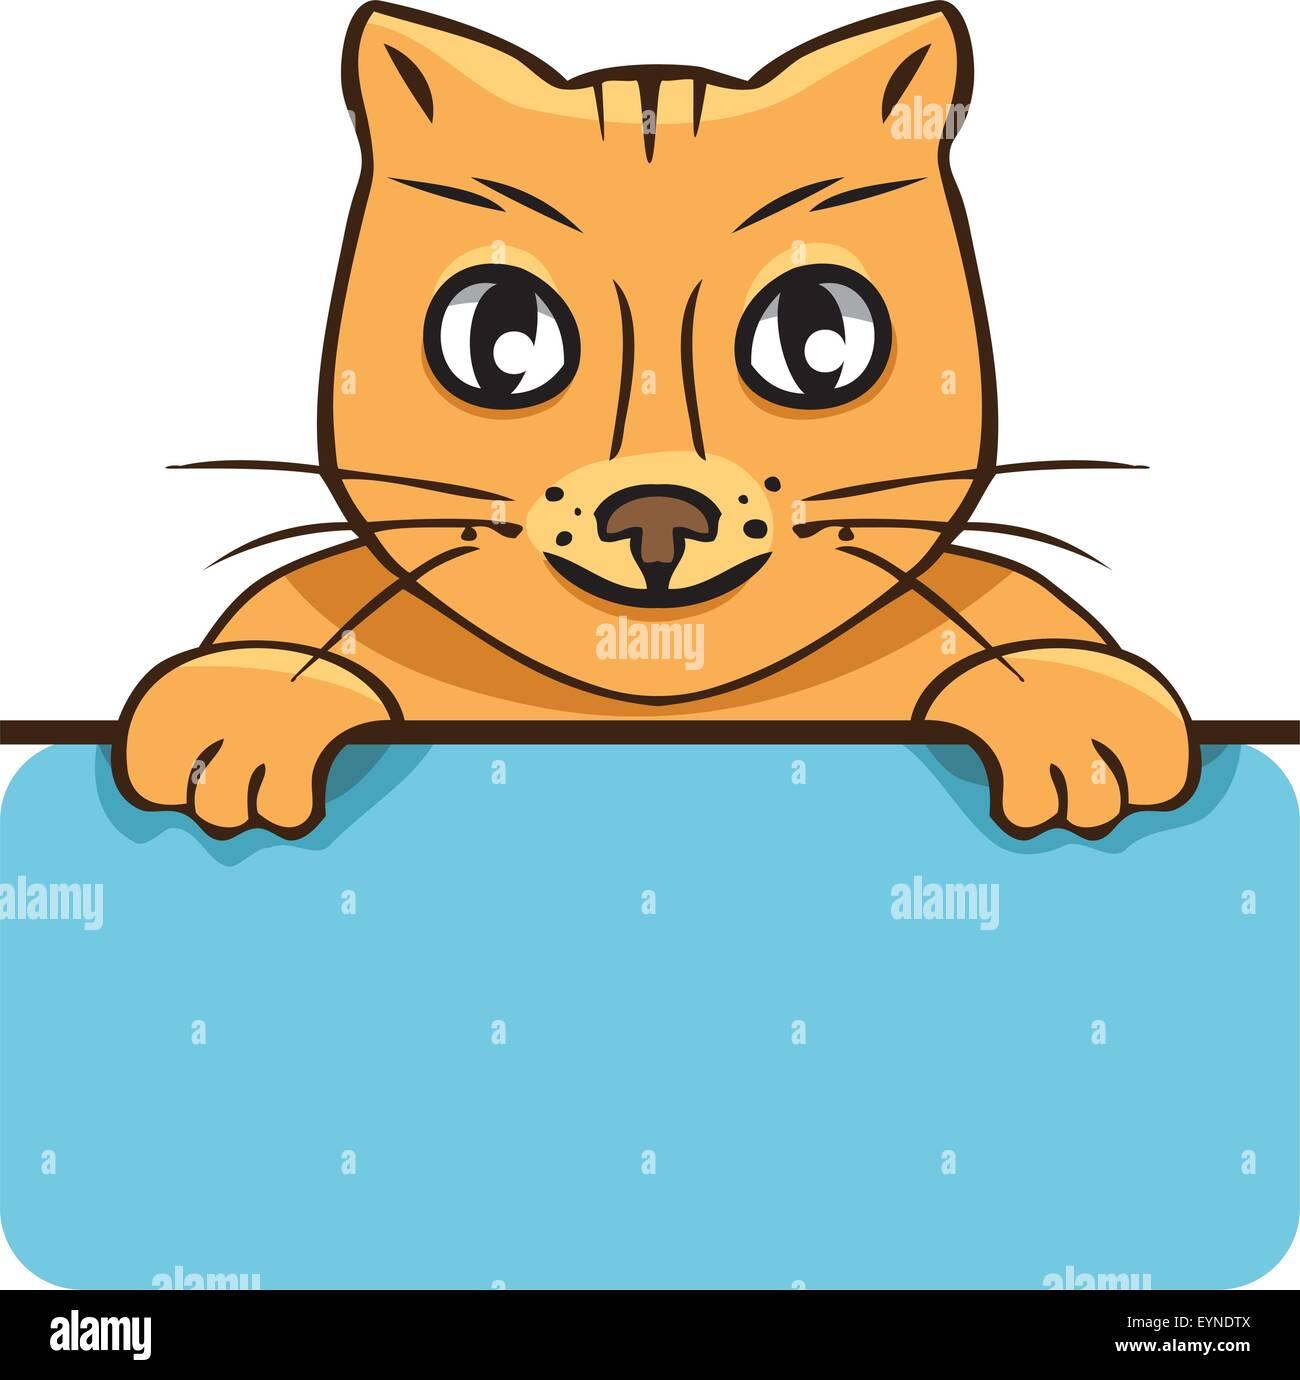 Vektor-Cartoon-Katze mit einem Plakat auf weißem Hintergrund Stockbild